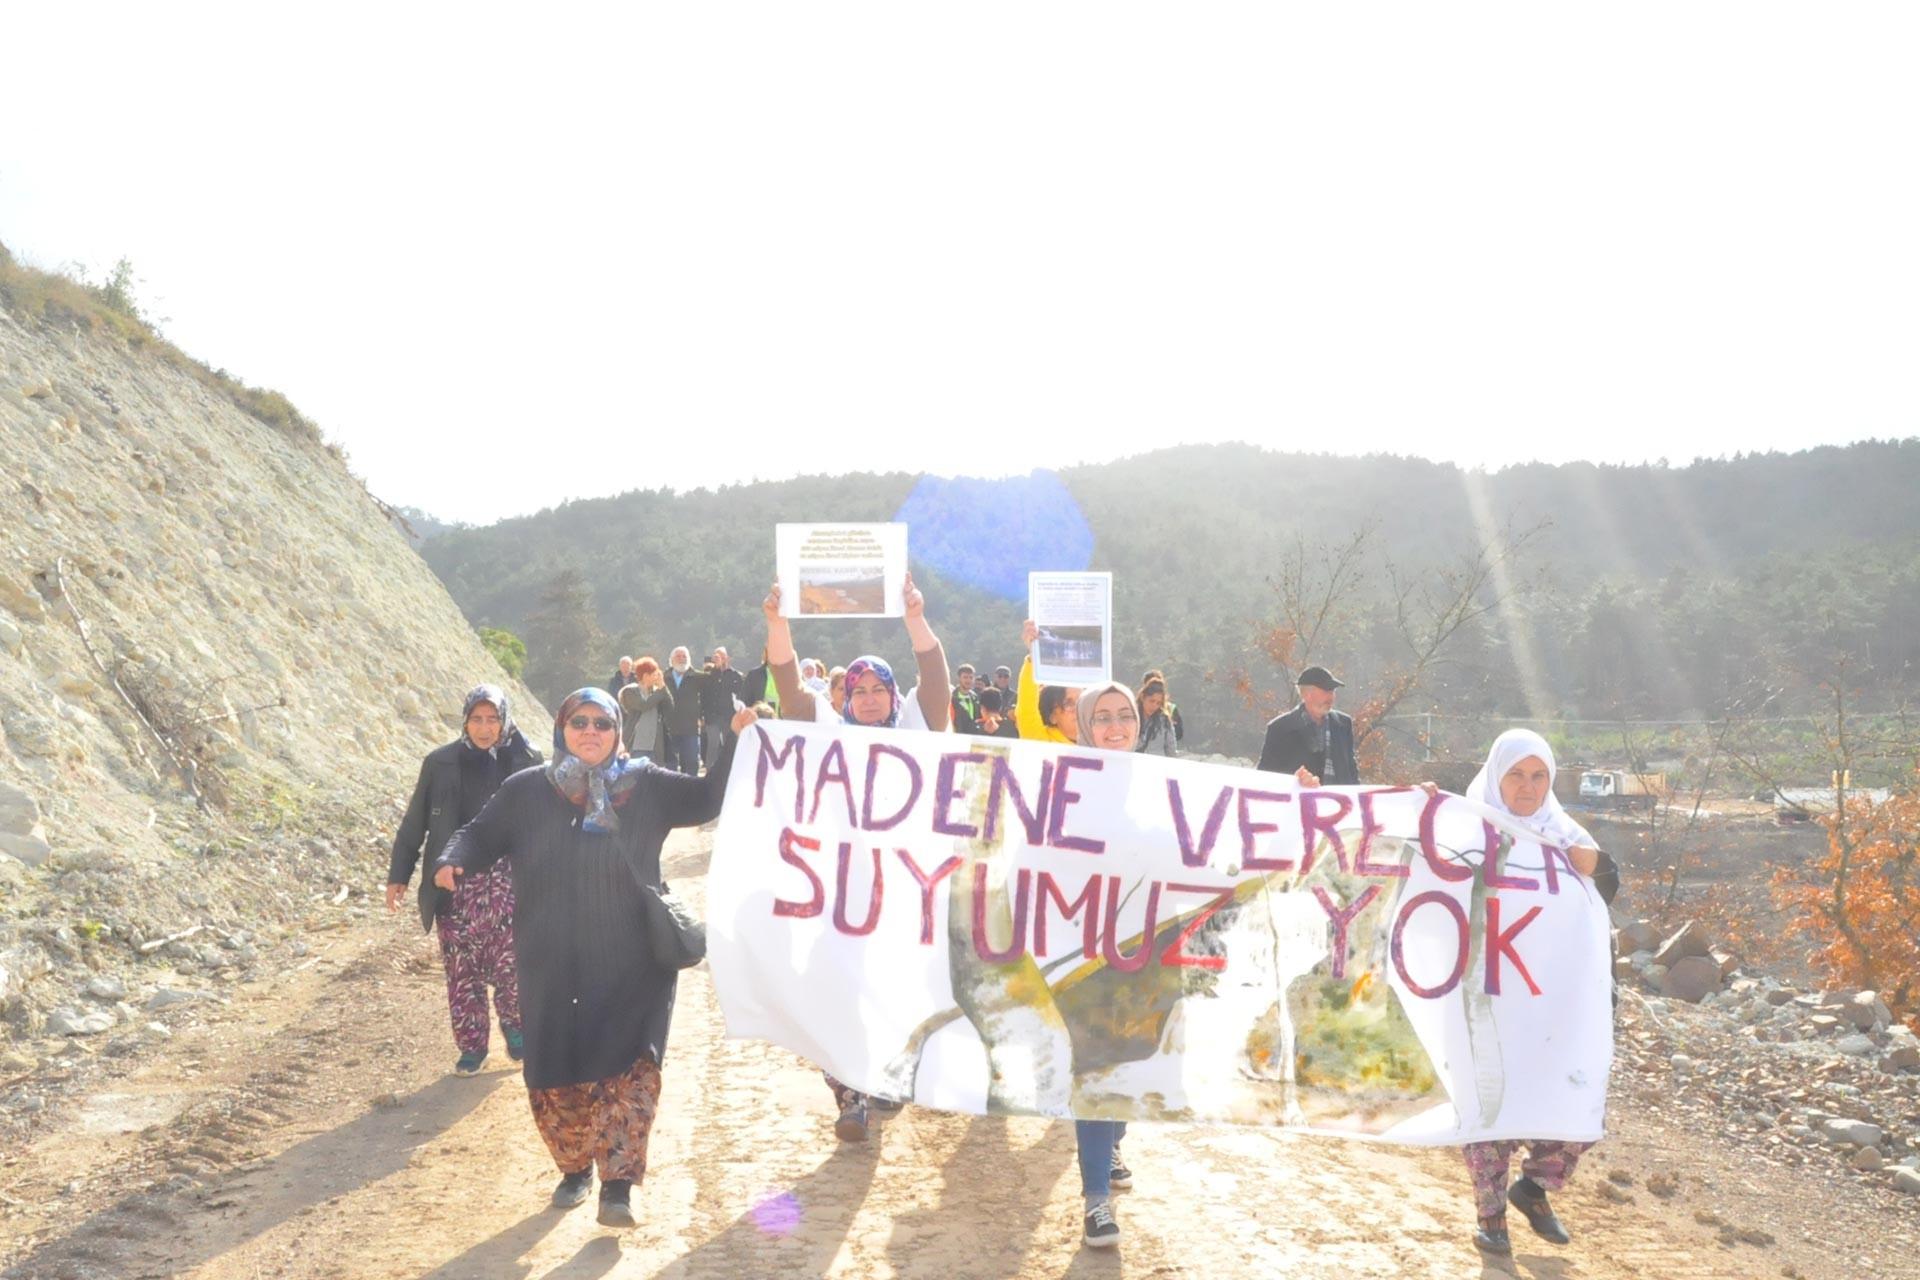 Çanakkale Kumarlar köyü kadınları, altın şirketinin sularını ellerinden almasına karşı çıktı, 'Madene verecek suyumuz yok' pankartıyla yürüdü